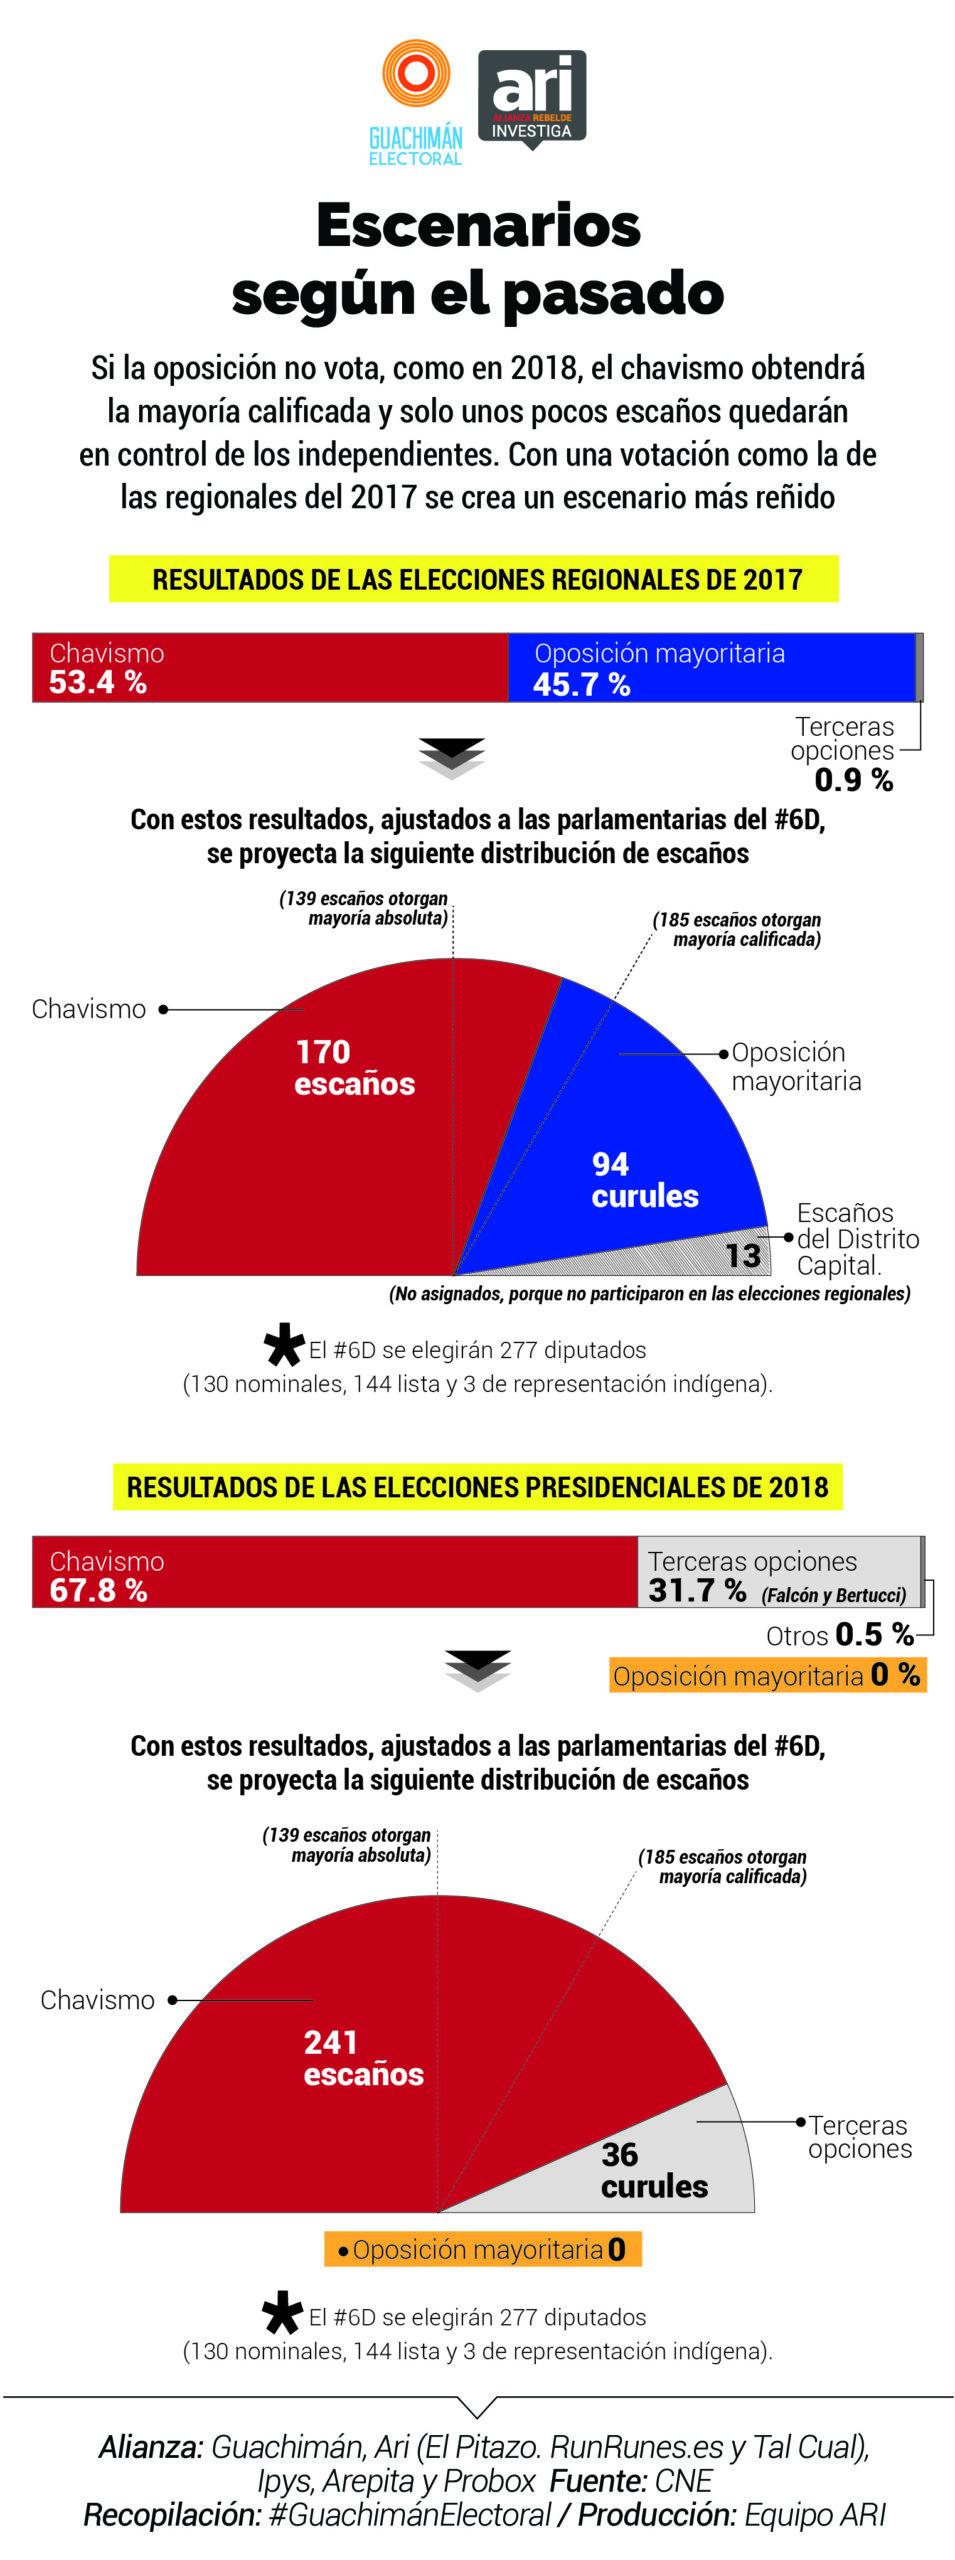 La abstención beneficia al chavismo